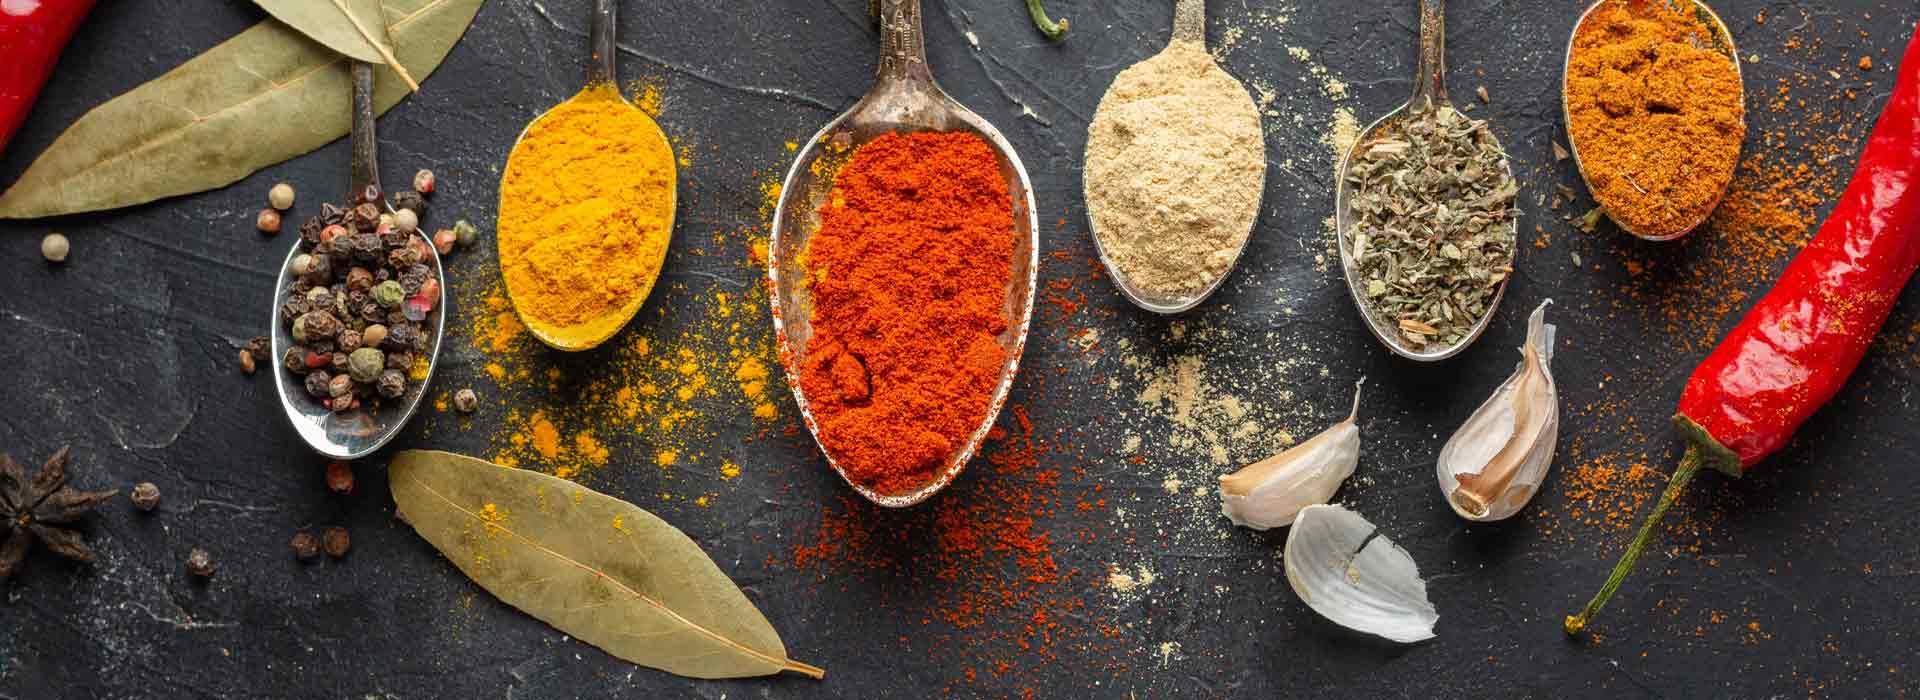 Vendita online di spezie e armoni per condire alimenti